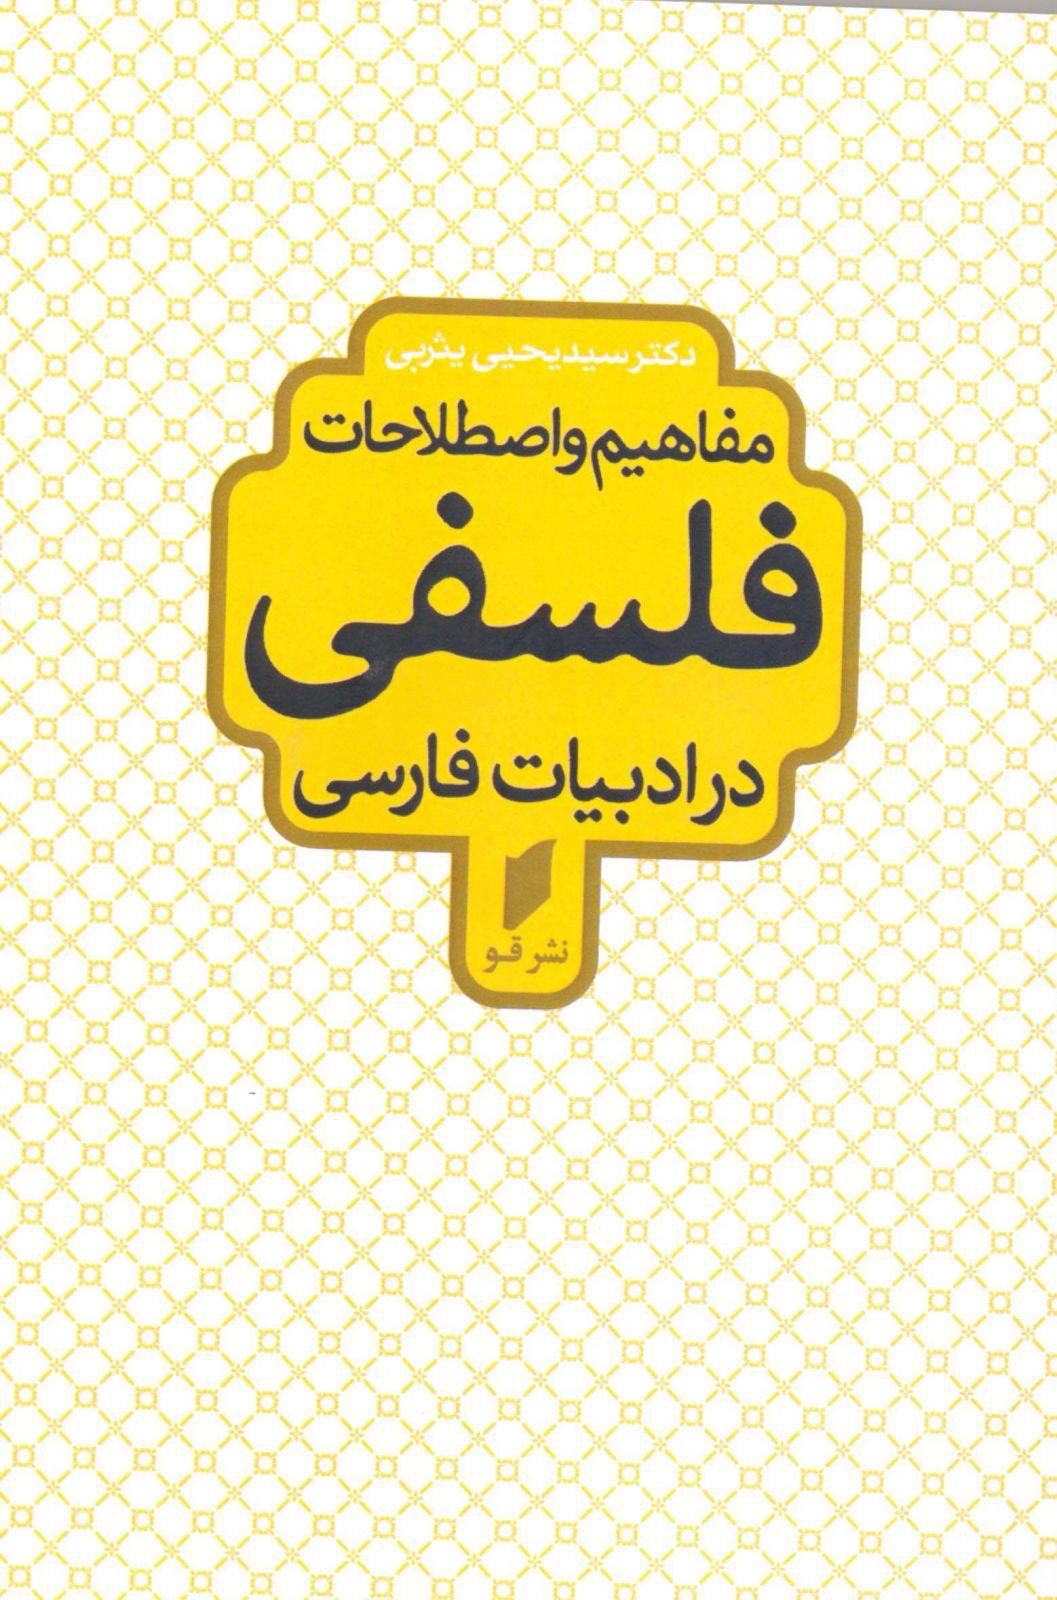 مفاهیم و اصطلاحات فلسفی در ادبیات فارسی